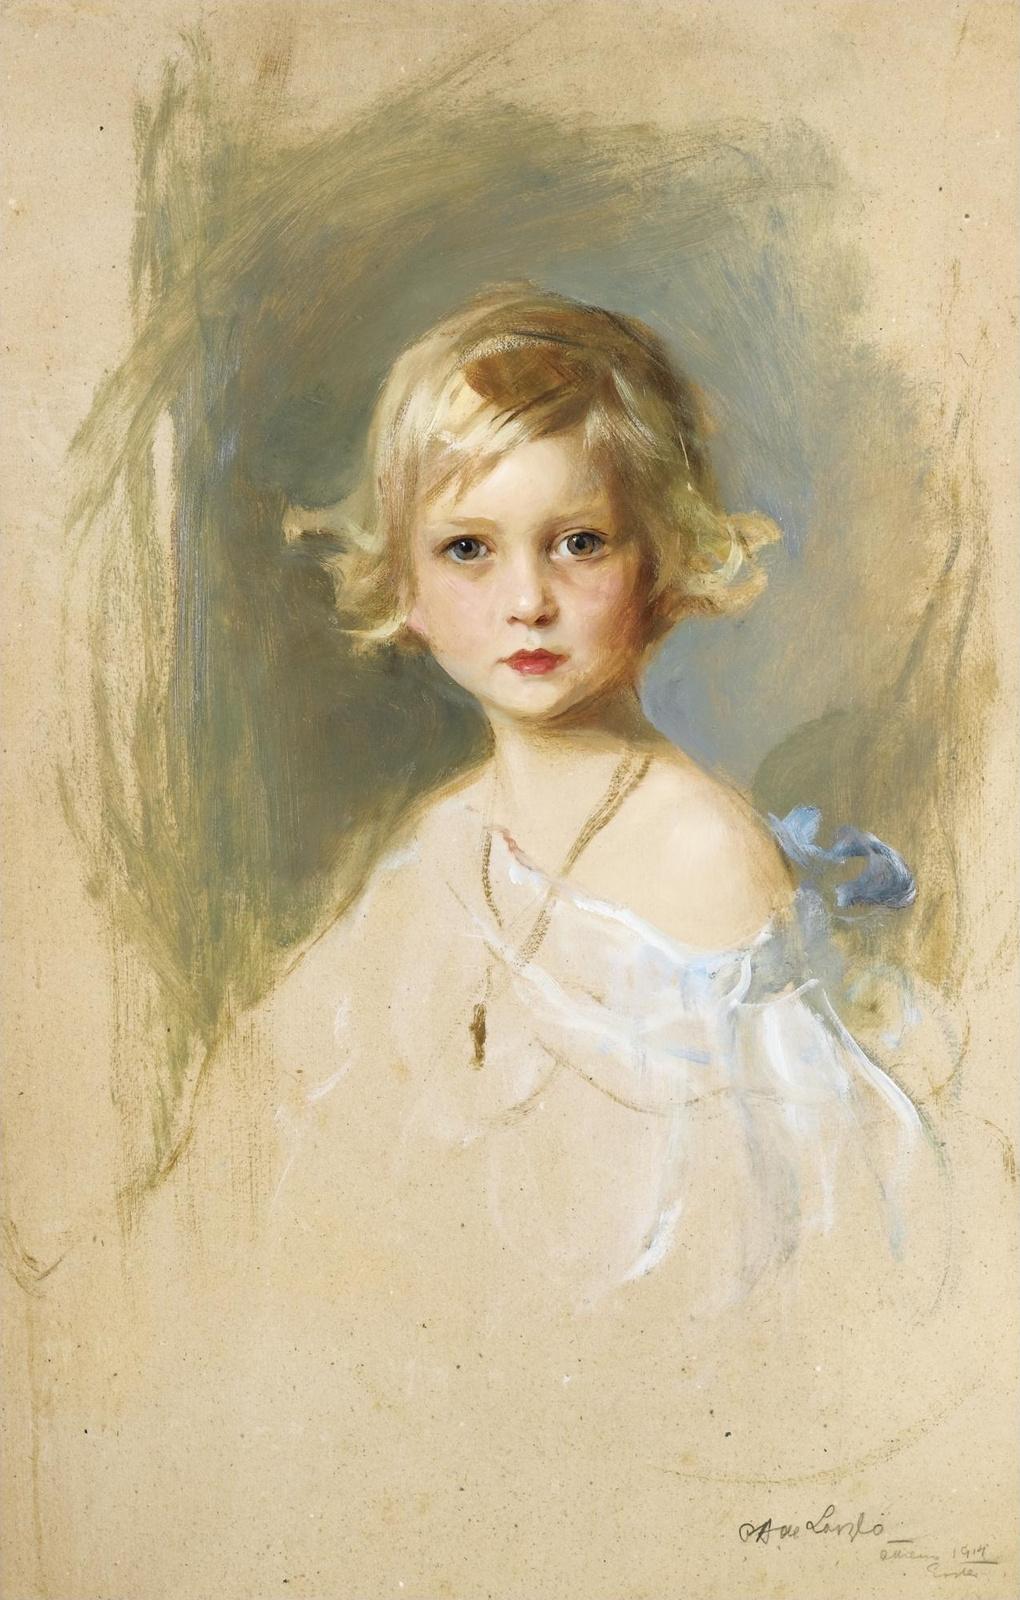 Philip De Alixis Laszlo. Princess Cecile is Greek. 1914